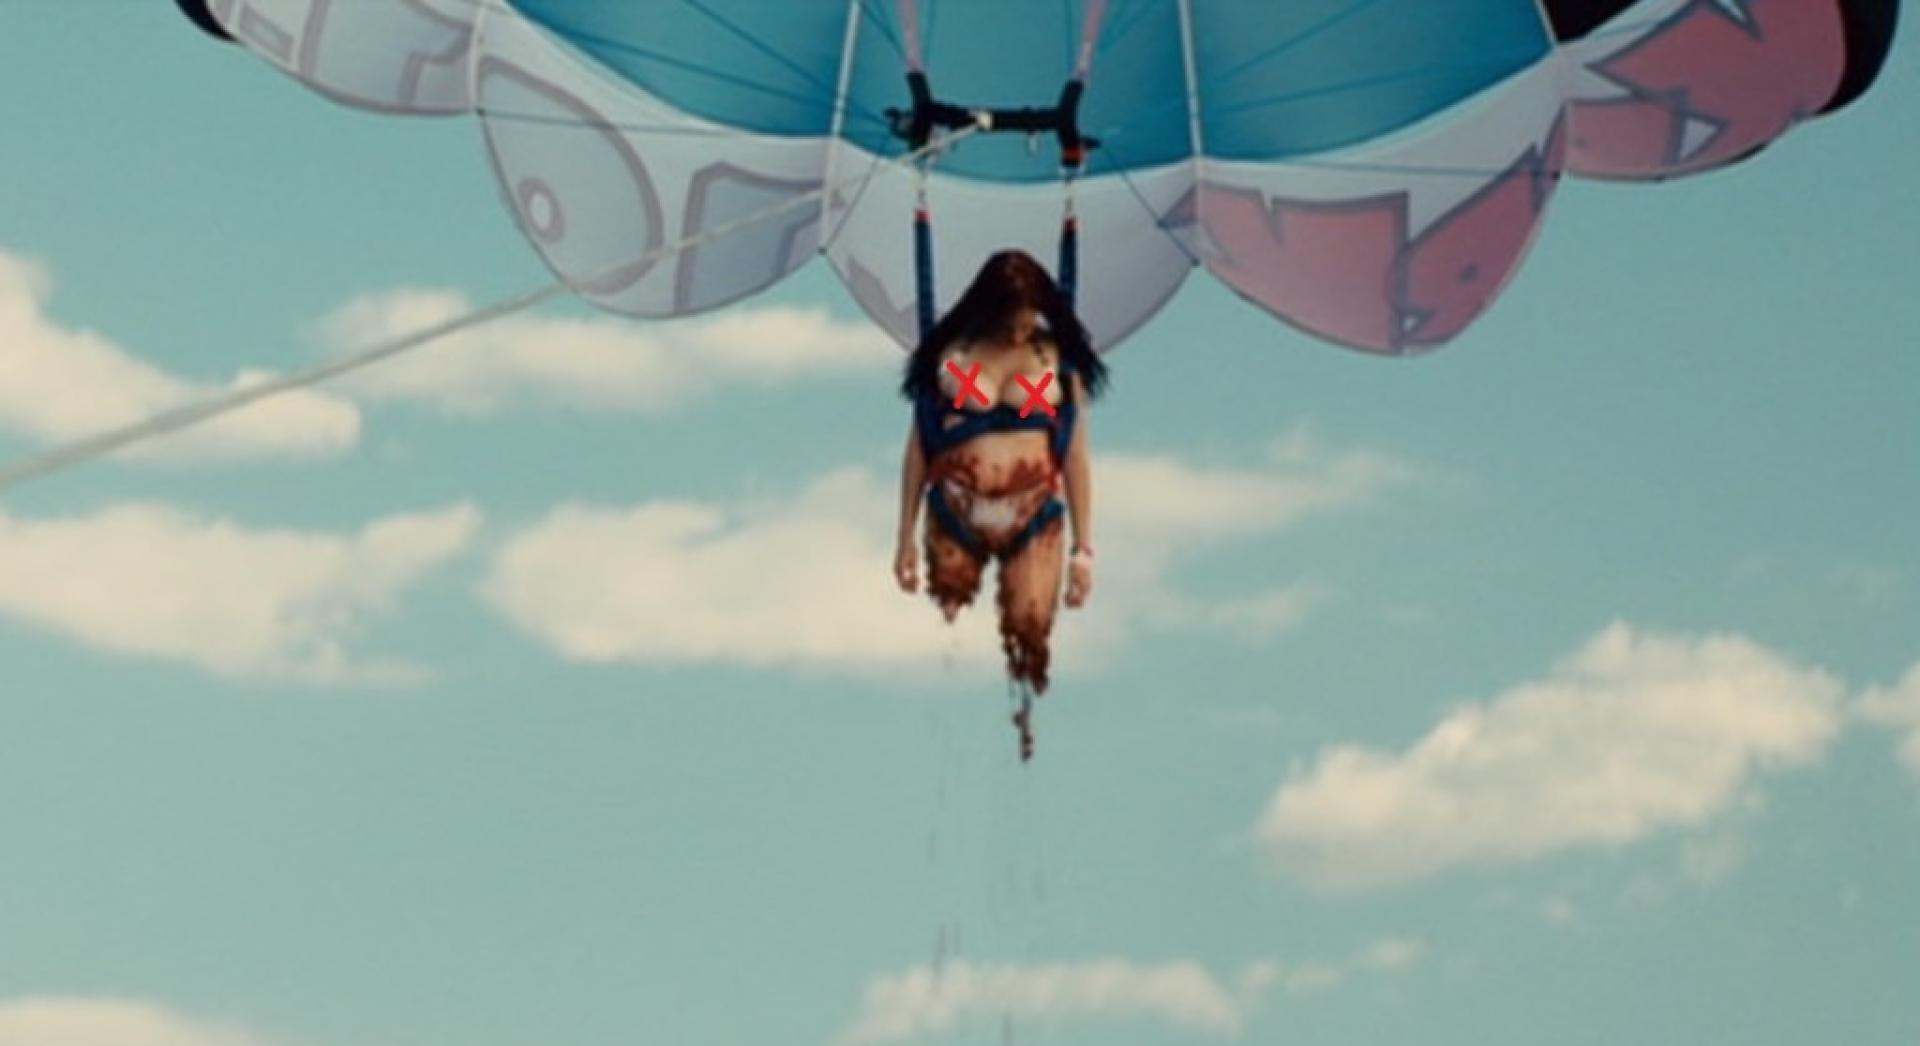 5. motorcsónakos ejtőernyőzés